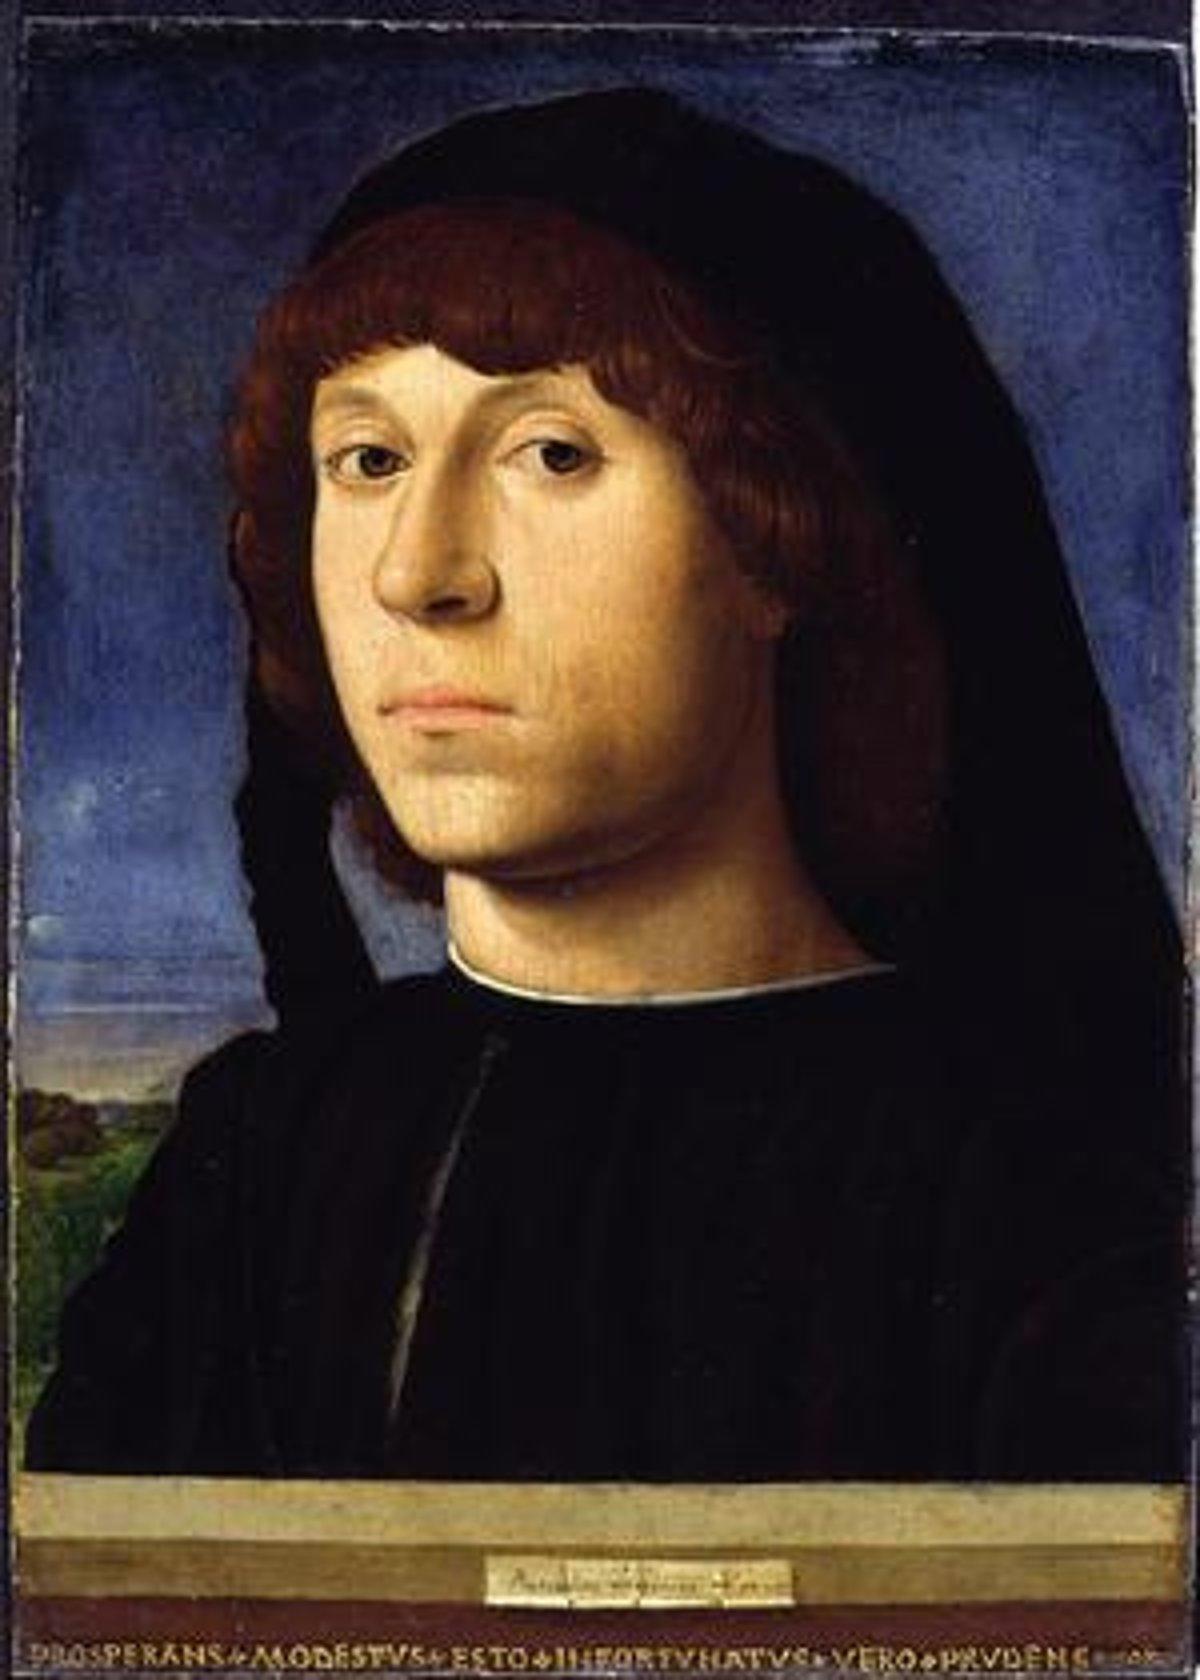 Zoznamka profil portréty